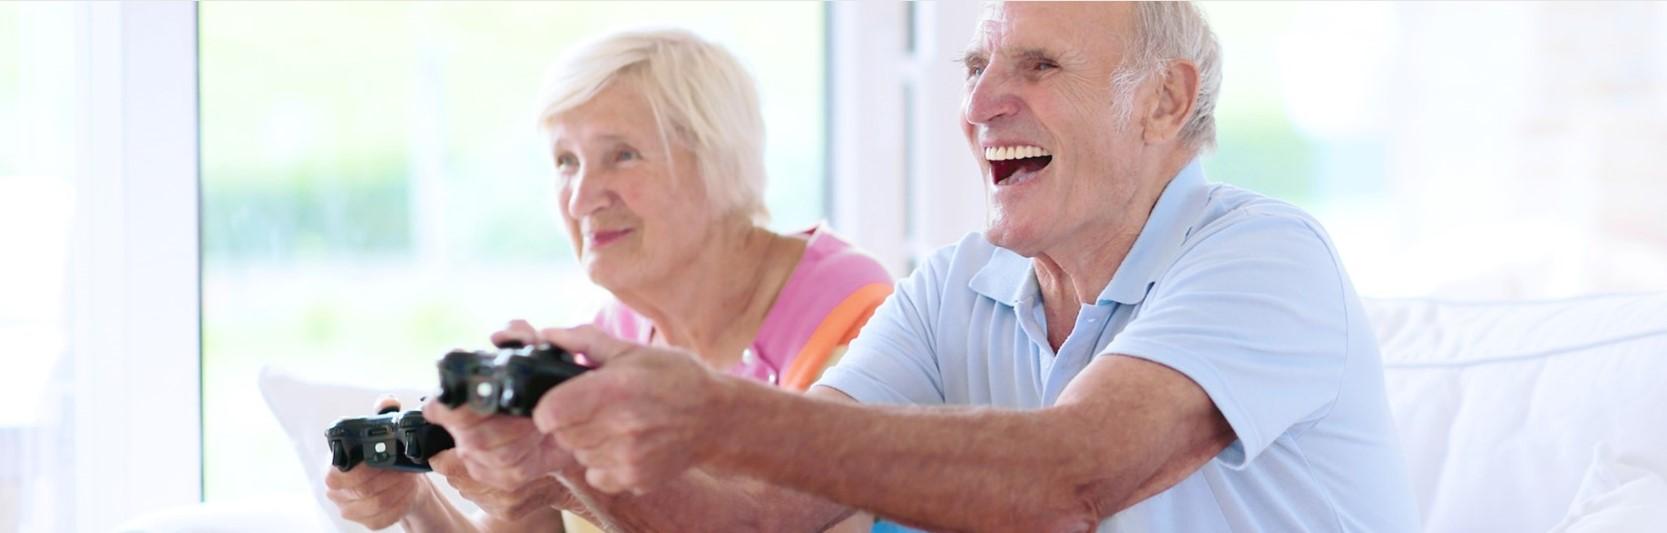 Positive Care: Nicht-medikamentöse Therapien für Senioren